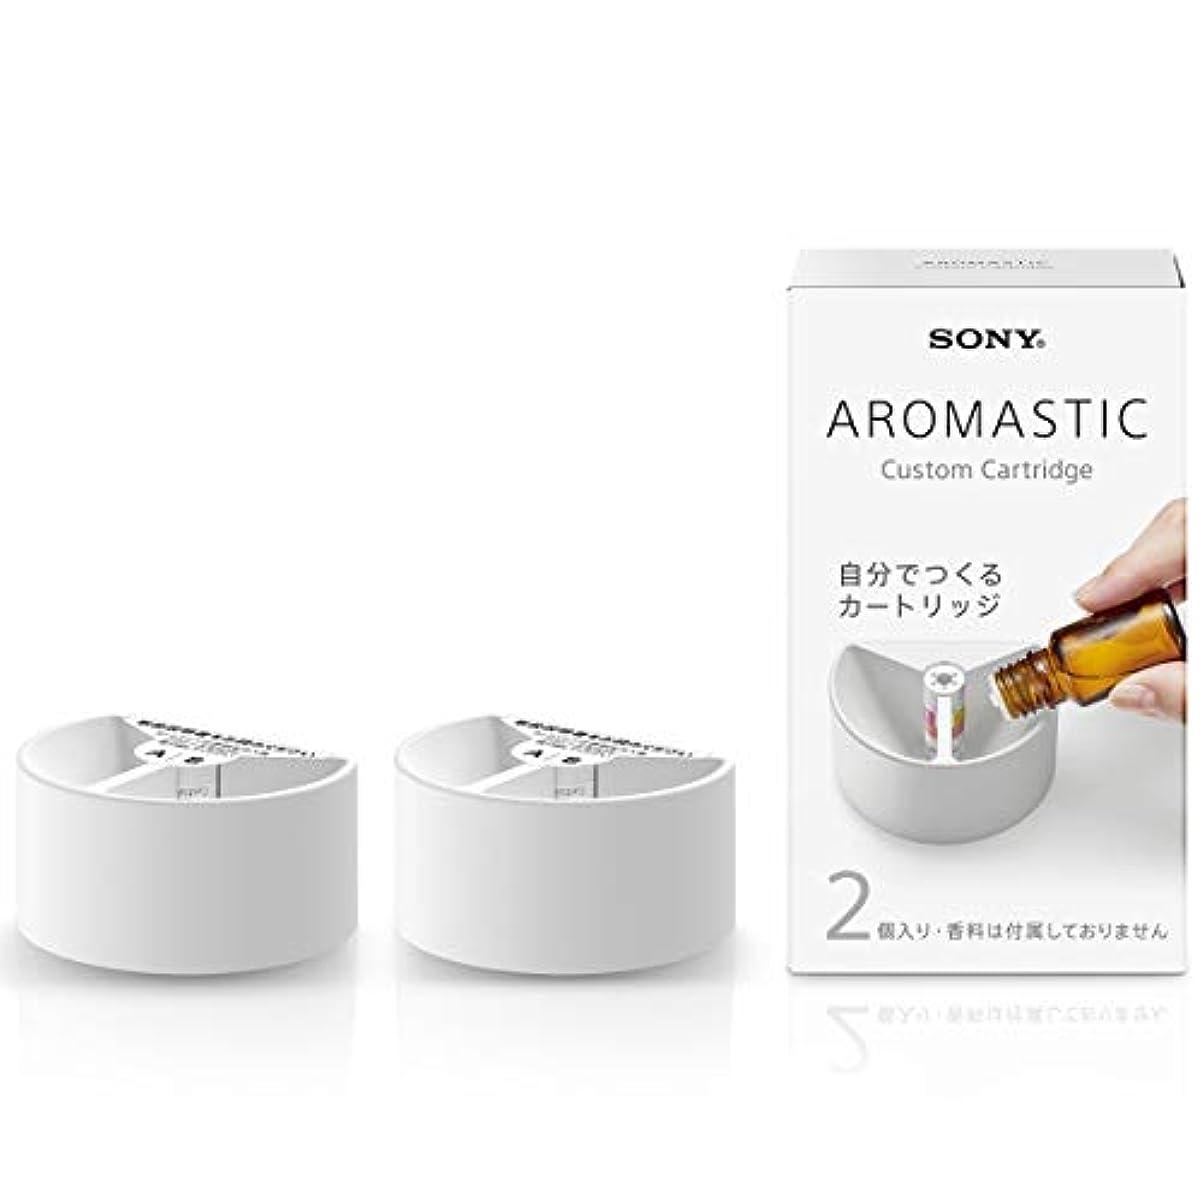 疲労神社全国AROMASTIC Custom Cartridge(カスタムカートリッジ) OE-SC001